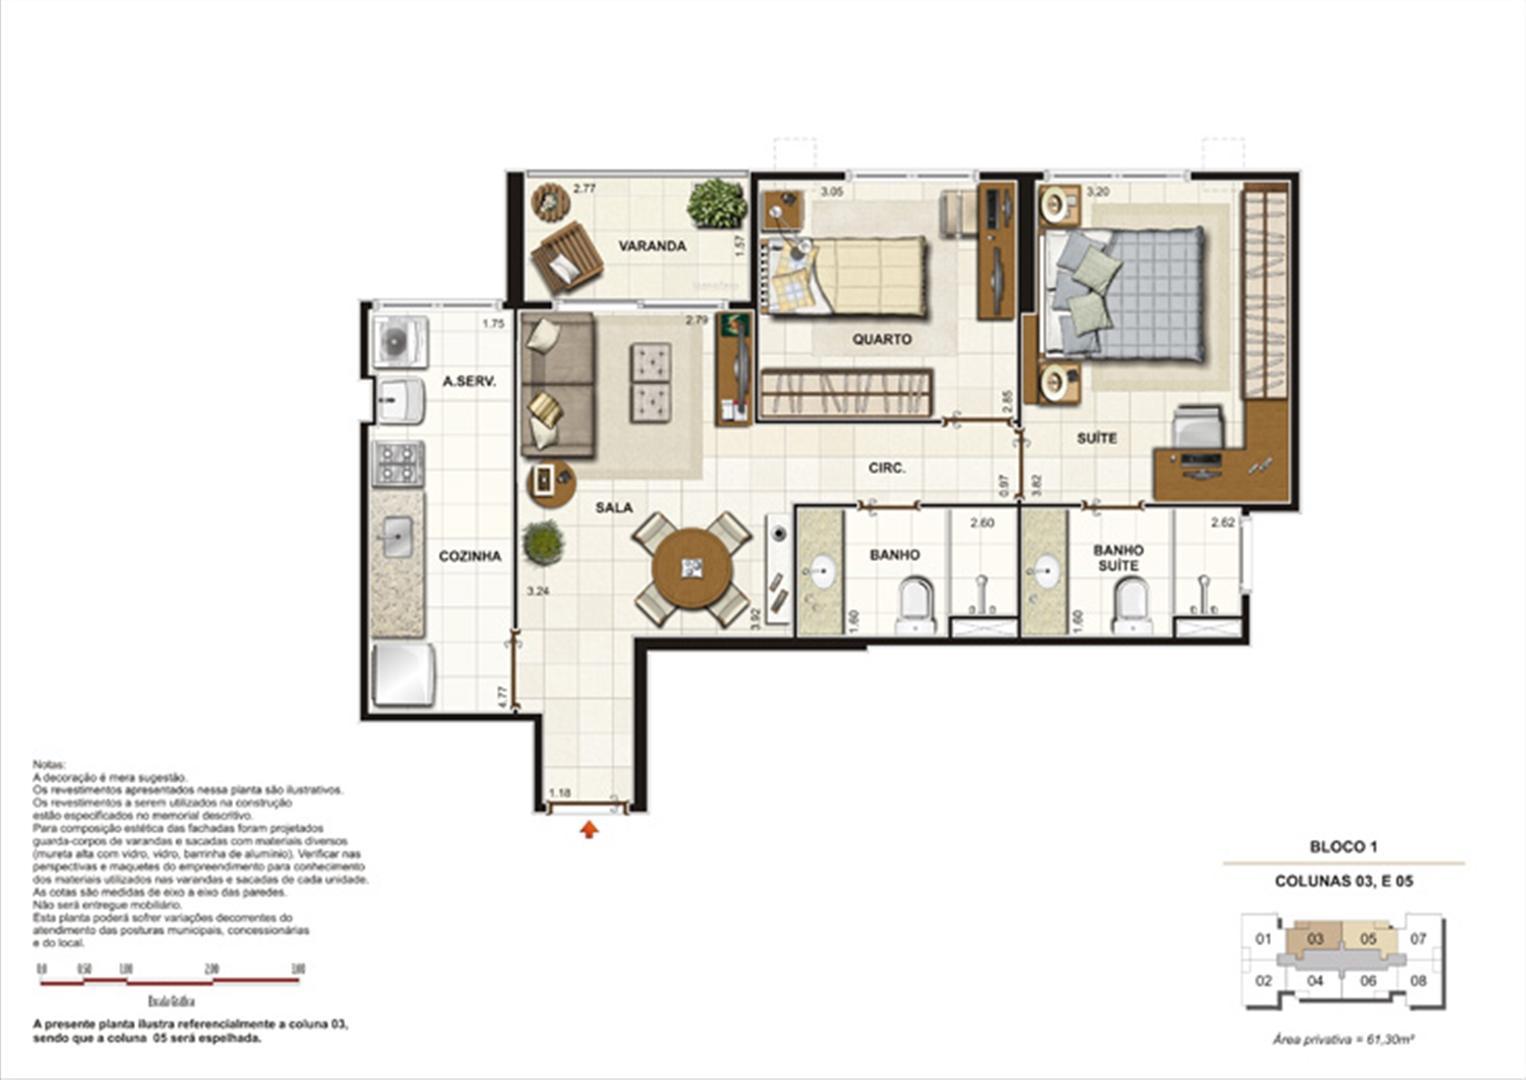 Planta 2 quartos ( 1 suíte) - 61,30m²  | Splendore Family Club – Apartamento em  Campos - Campos - Rio de Janeiro